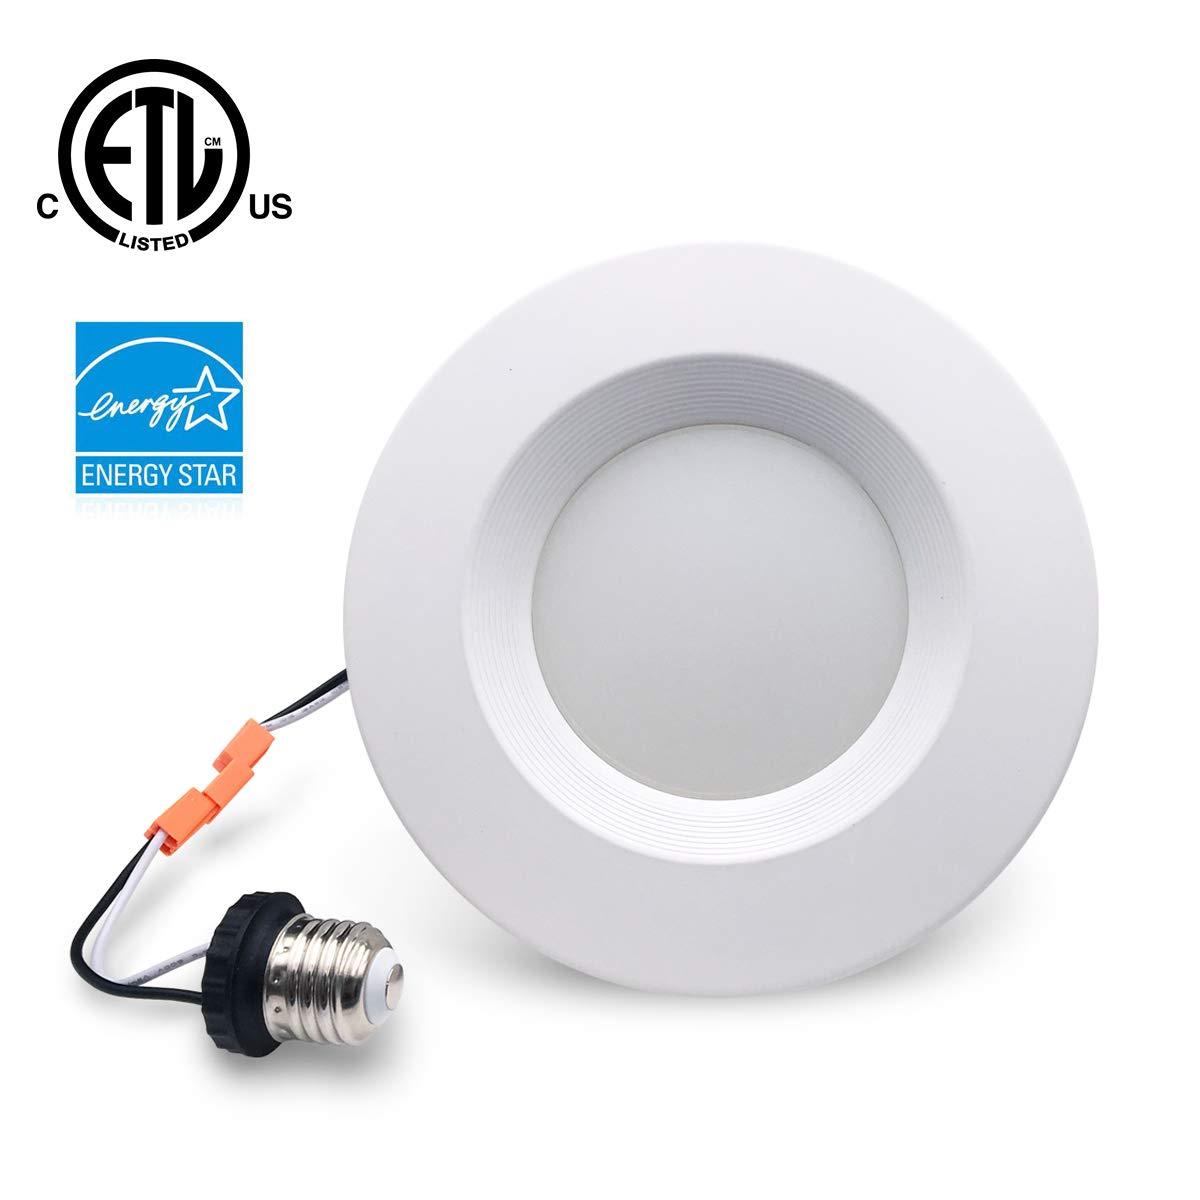 Modaao 6インチ LEDダウンライト (5インチ互換) 調光可能 15W (75W交換) CRI90 取り付け簡単 レトロフィットLED埋め込み照明器具 LED天井ライト 1 Pack B07HFRR8SL 5000k - Daylight 1 Pack